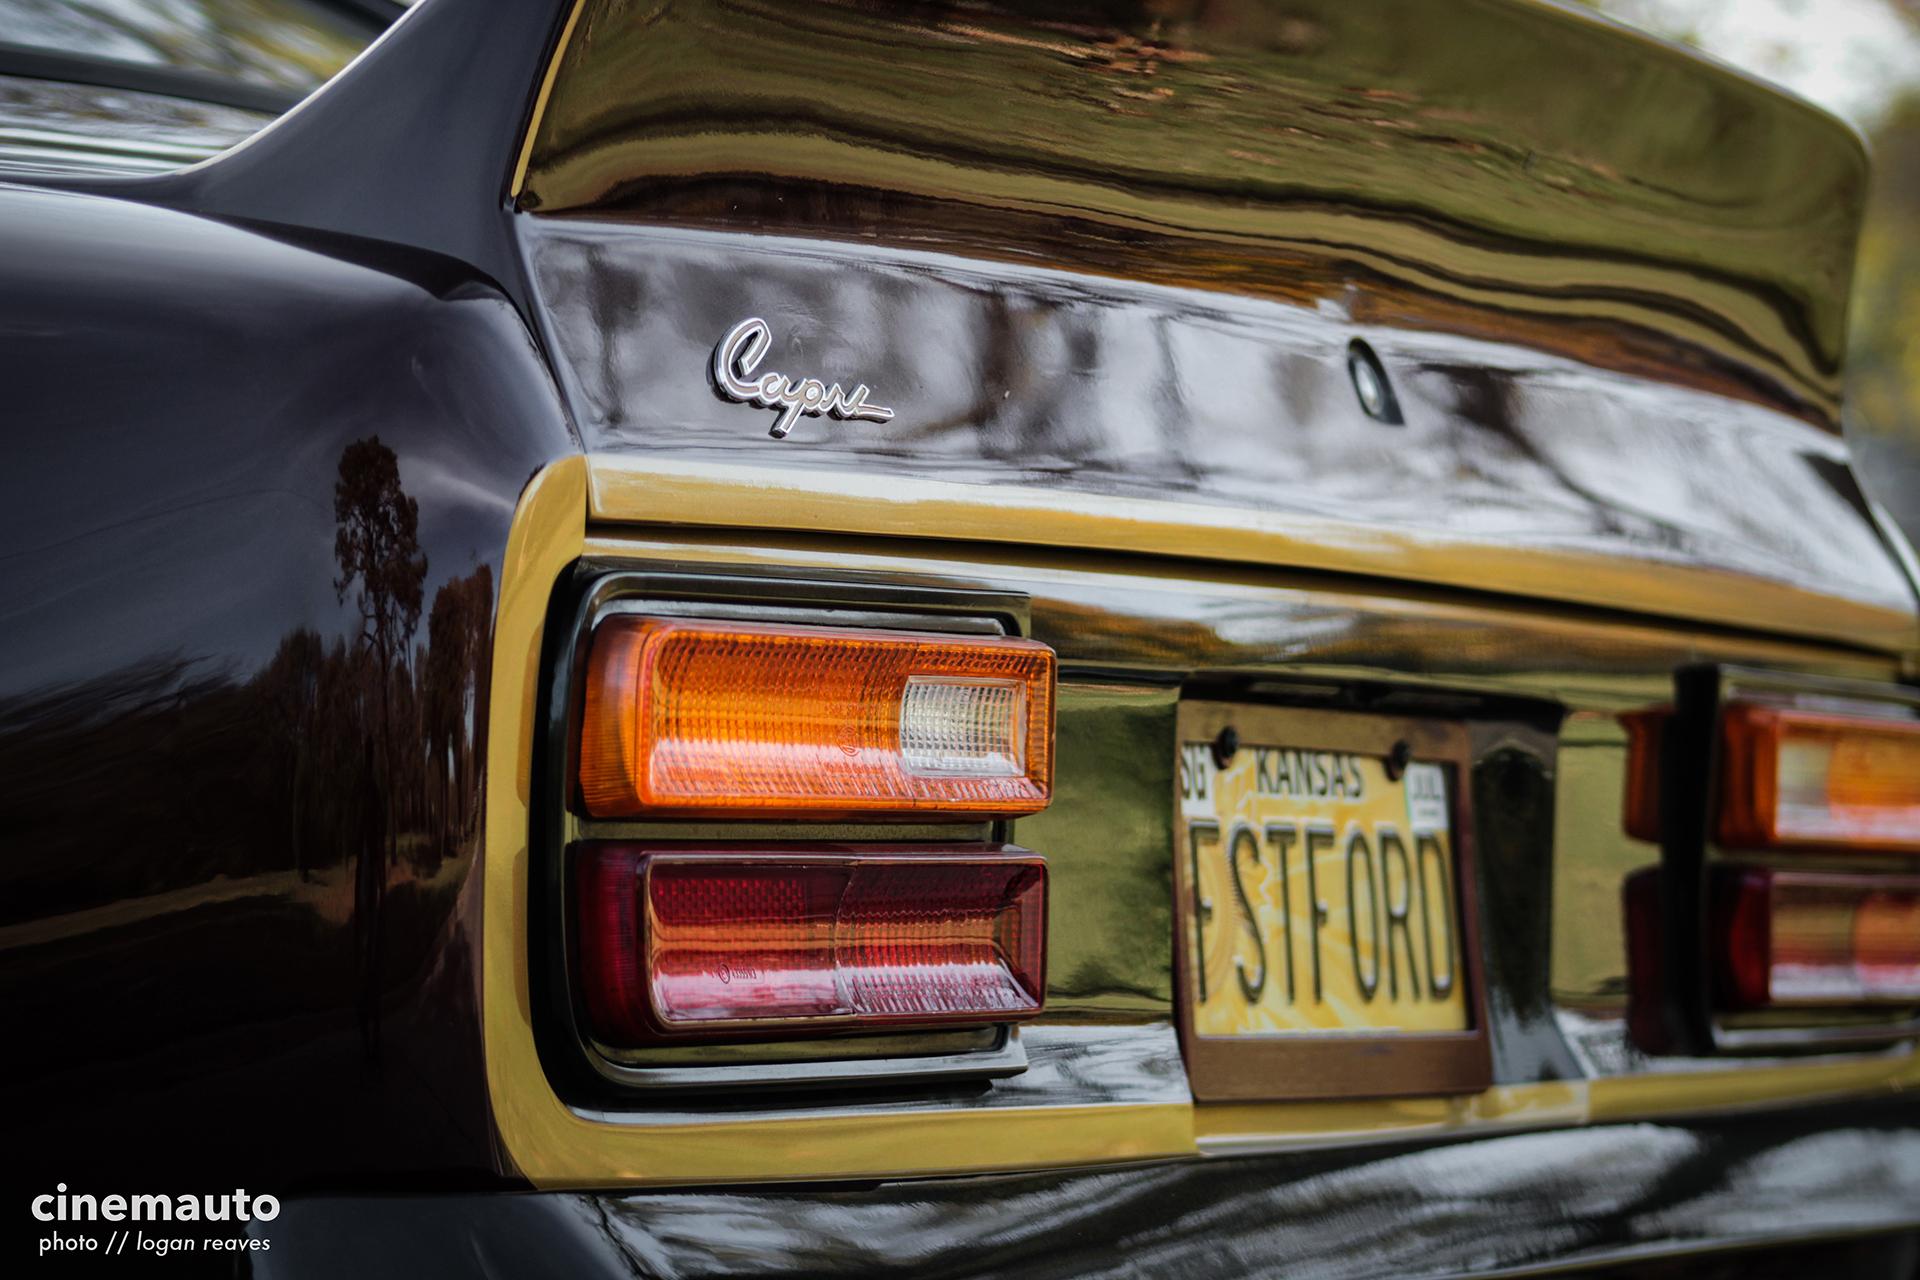 cinemauto-ford-capri-7.jpg